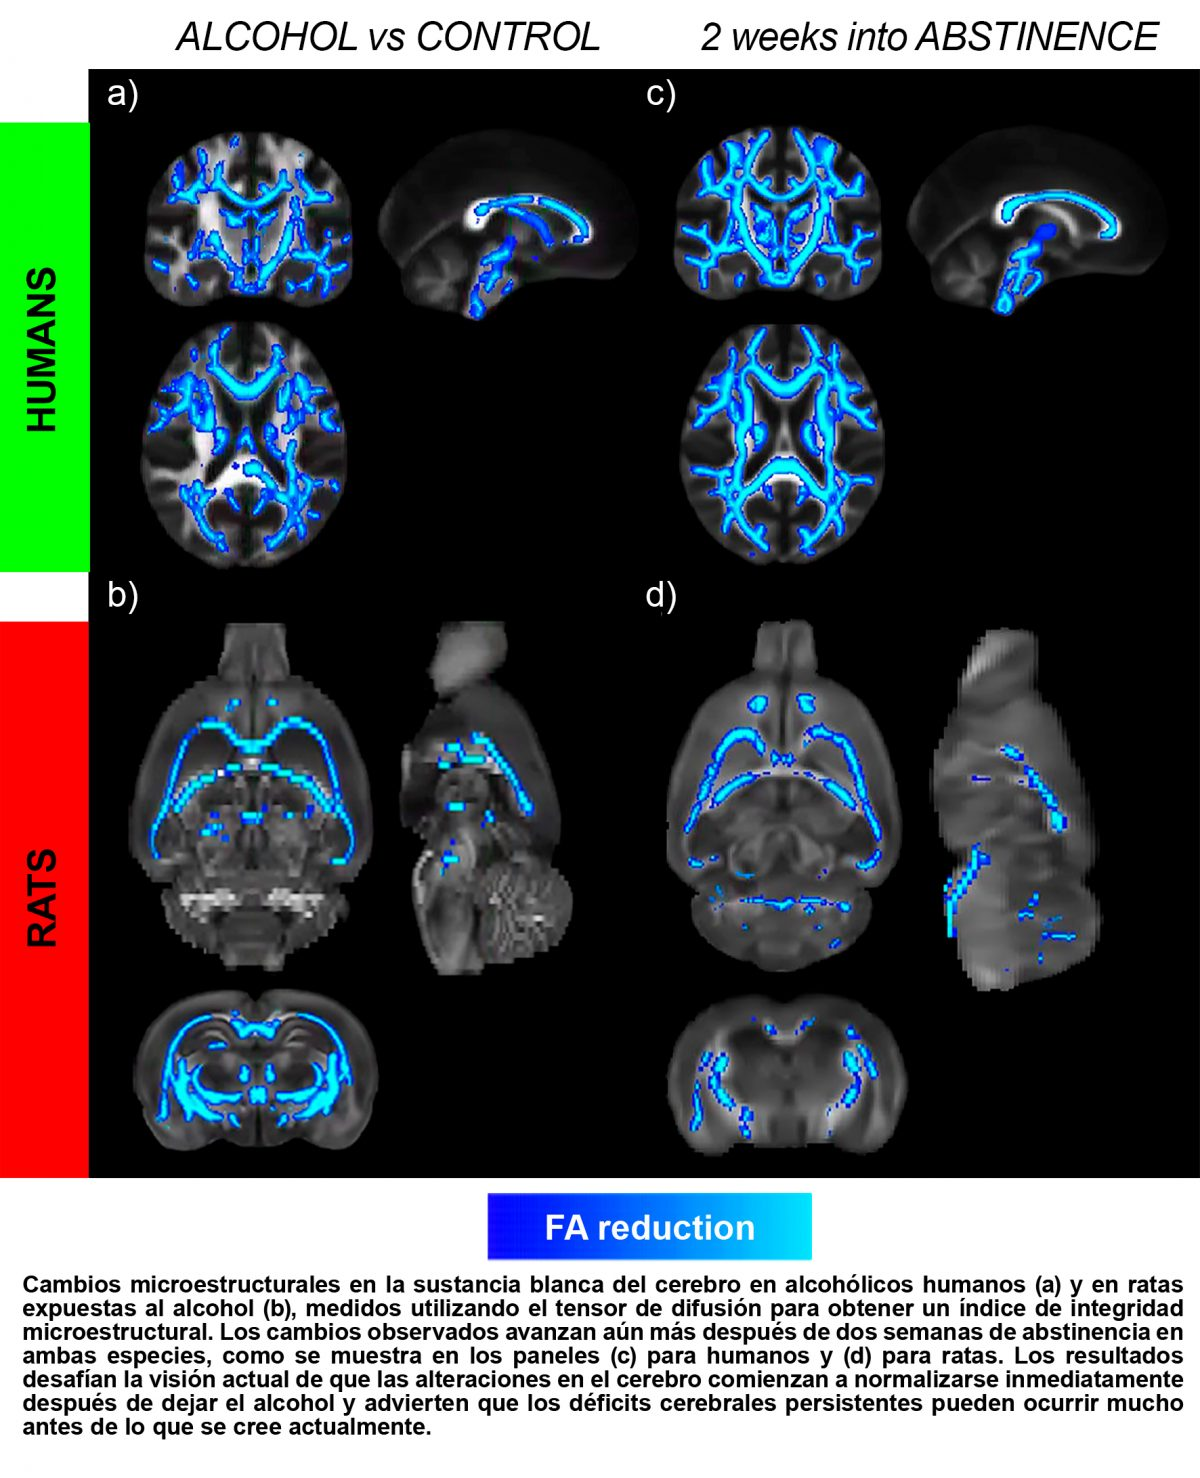 daño cerebral inducido por el alcohol, Daño cerebral inducido por el alcohol, Revista NUVE